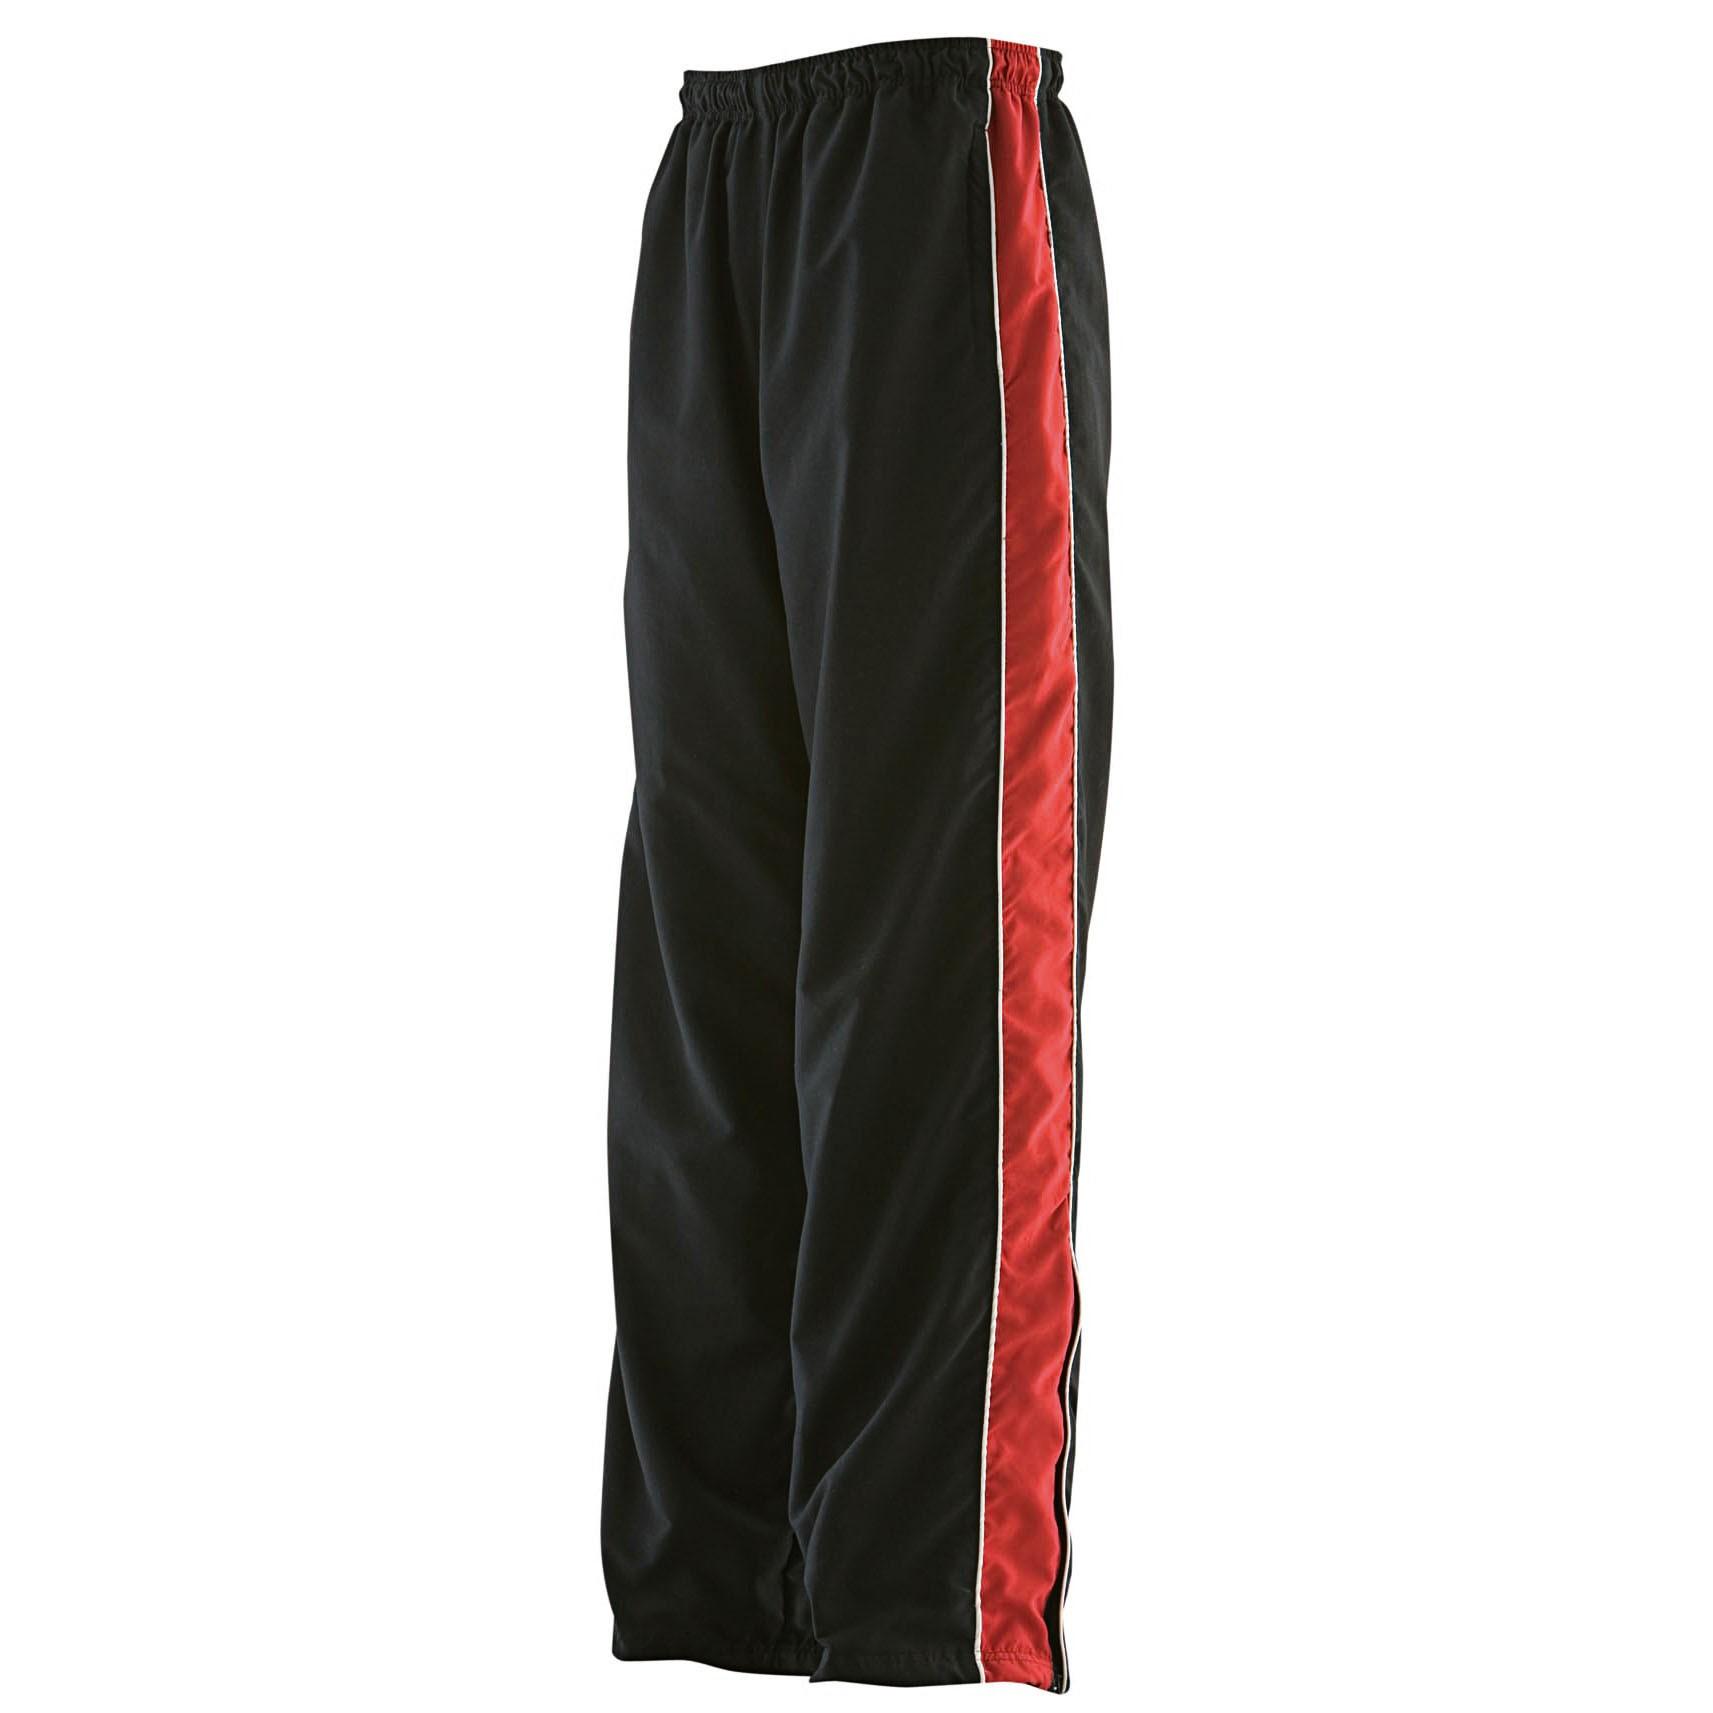 Kids Teamwear Track Pant Black / Red / White